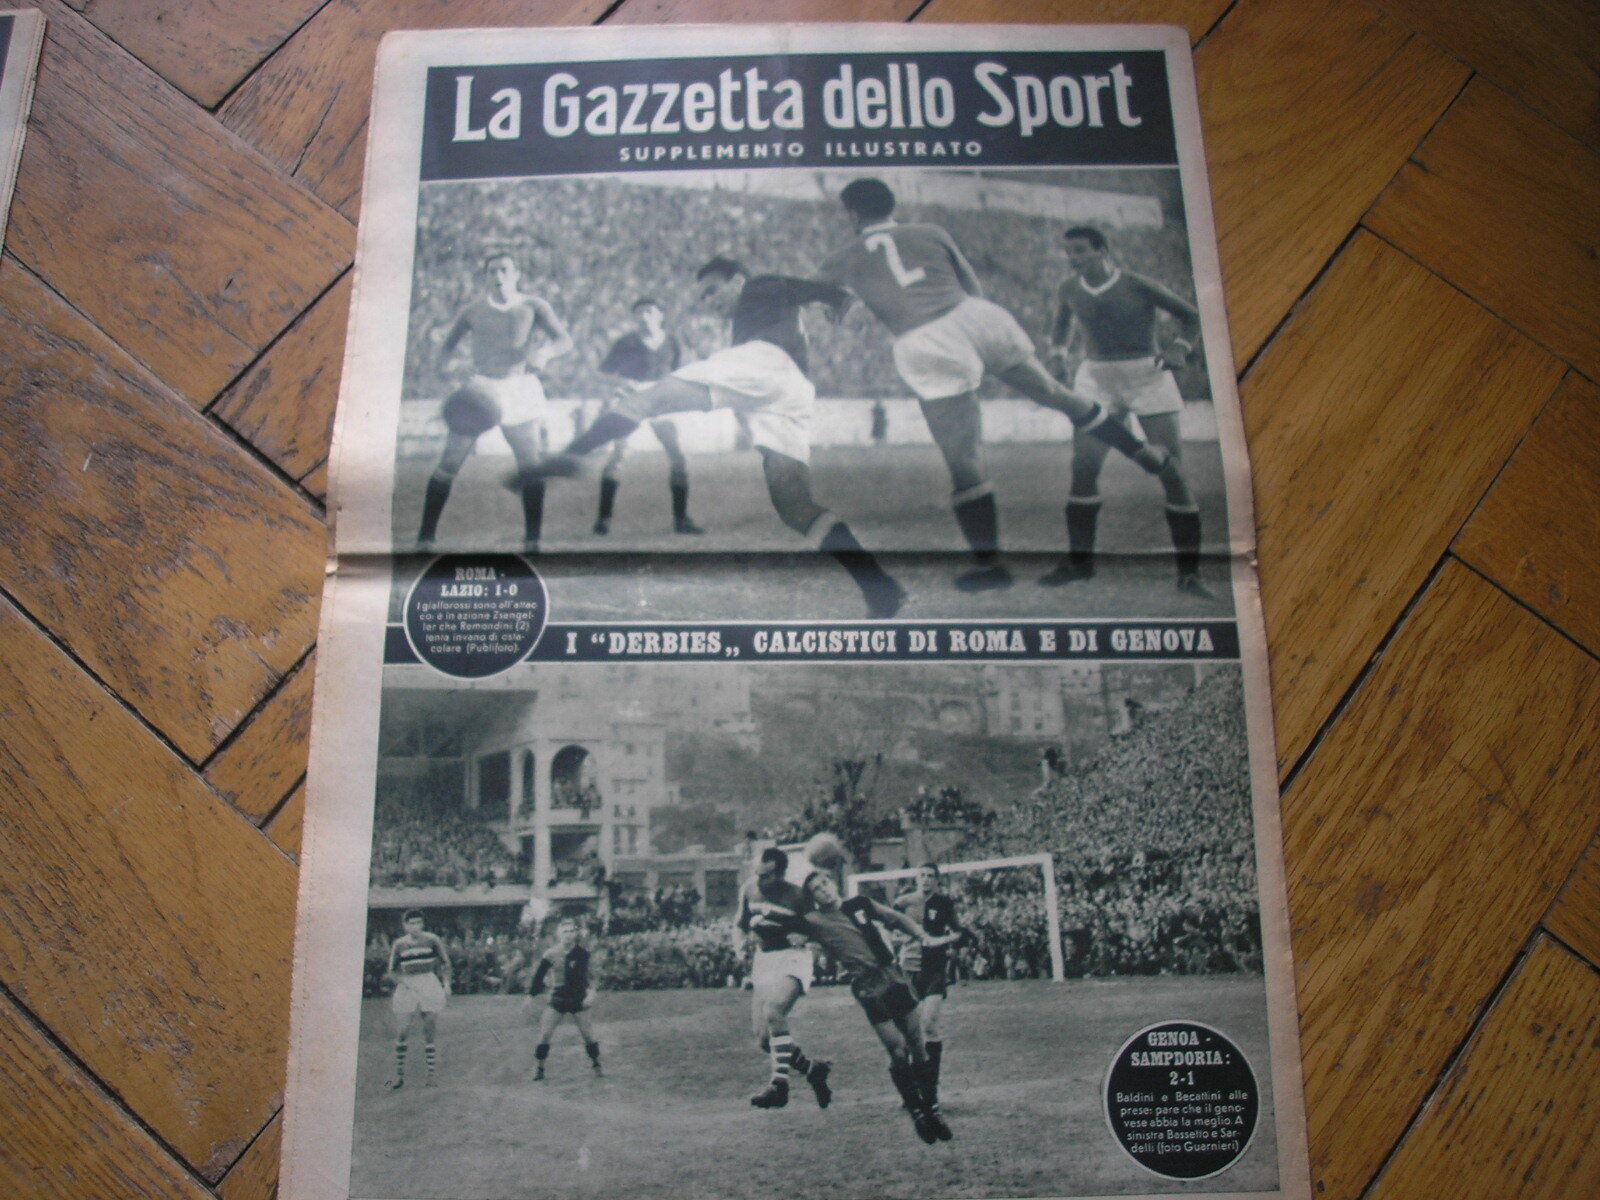 DERBY LAZIO ROMA GÉNOVA SAMPDORIA SAMPDORIA SAMPDORIA COVER GAZZETTA DELLO SPORT SUPLEMENTO 10 1947  mejor oferta